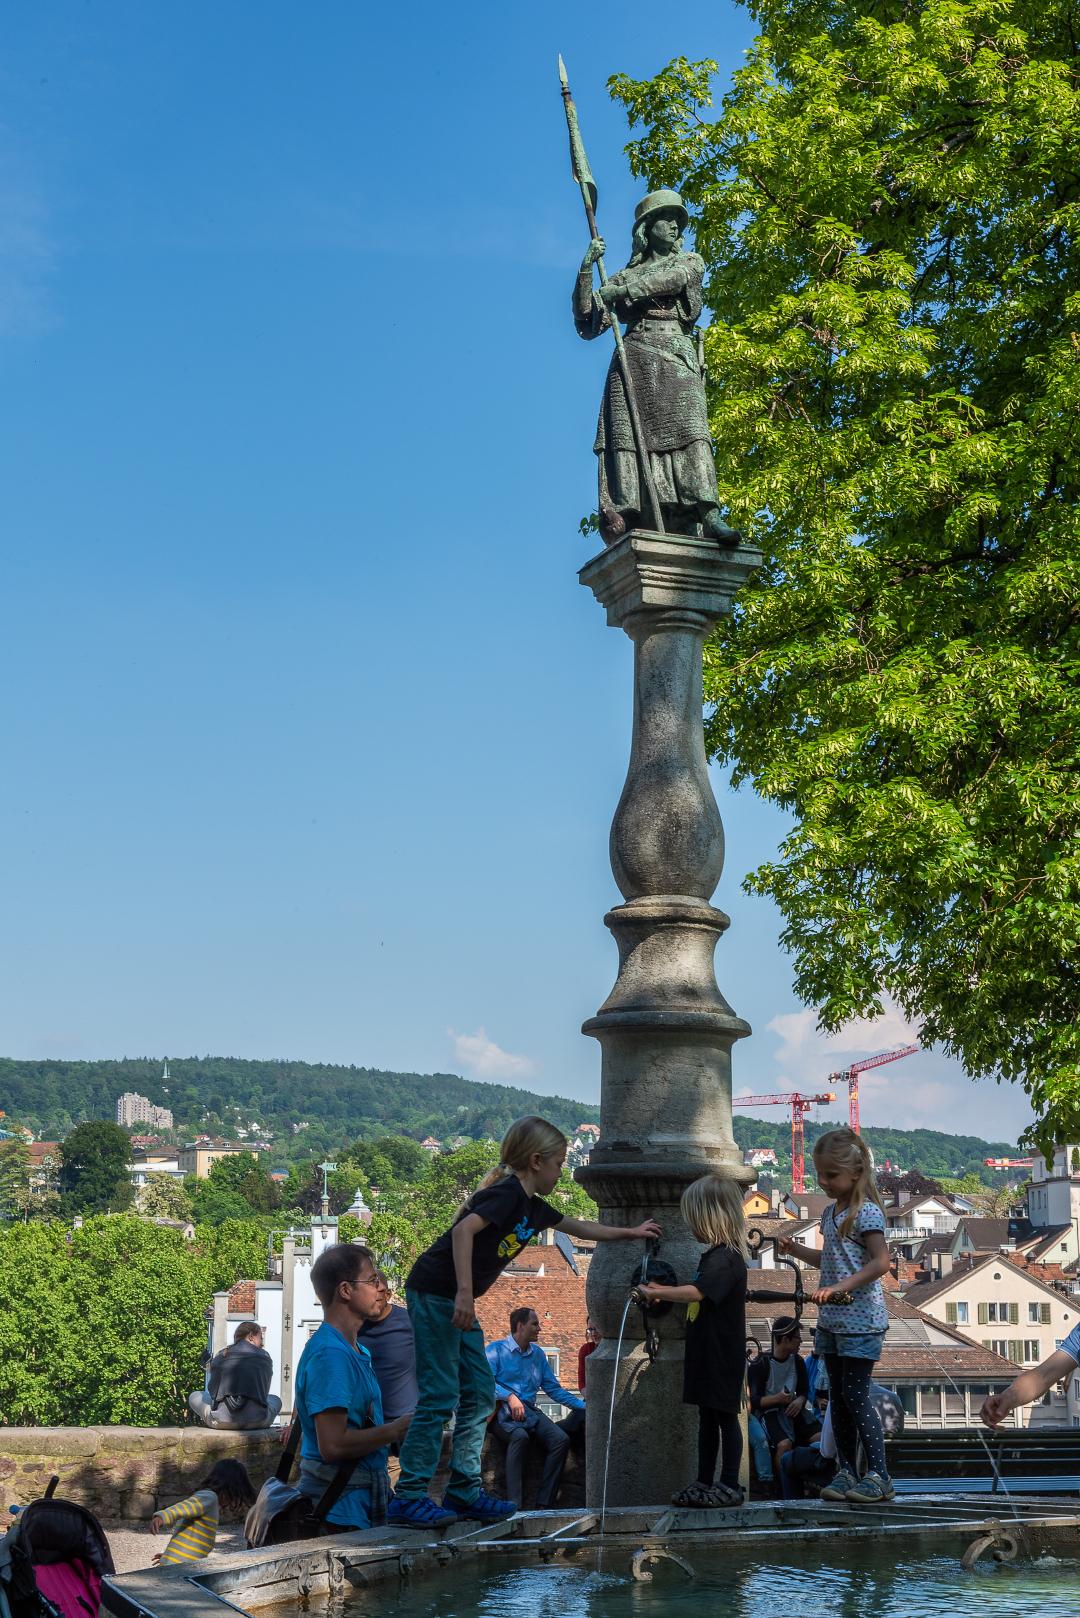 Statue of a woman in Lindenhof Square in Zurich, Switzerland.